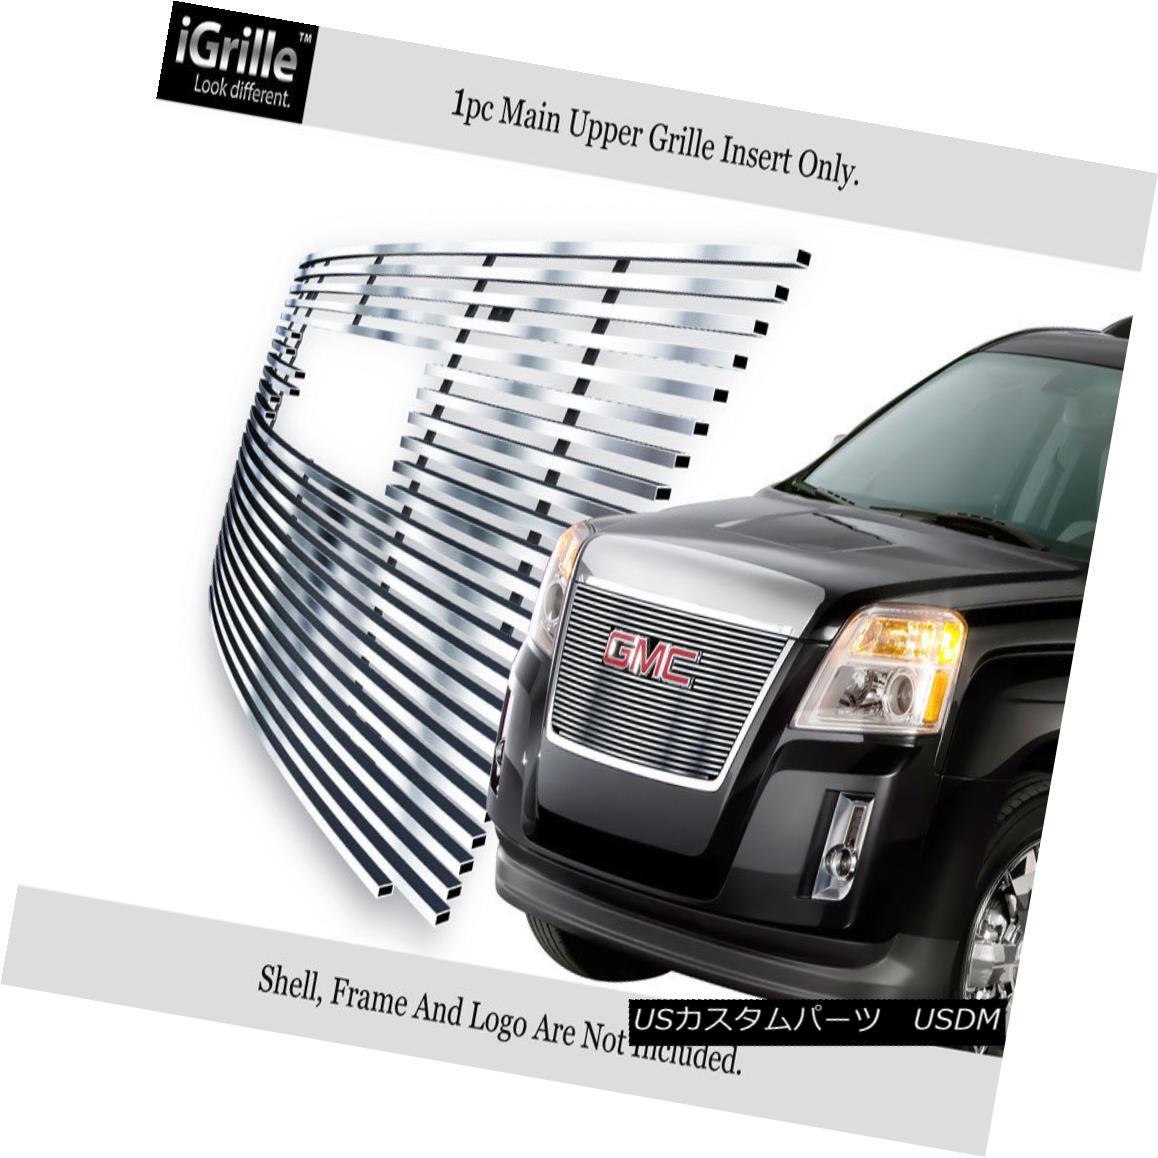 グリル For 2010-2014 GMC Terrain Stainless Steel Billet Grille Insert With Logo Show 2010?2014年GMC地形ステンレス鋼ビレットグリルインサートロゴショー